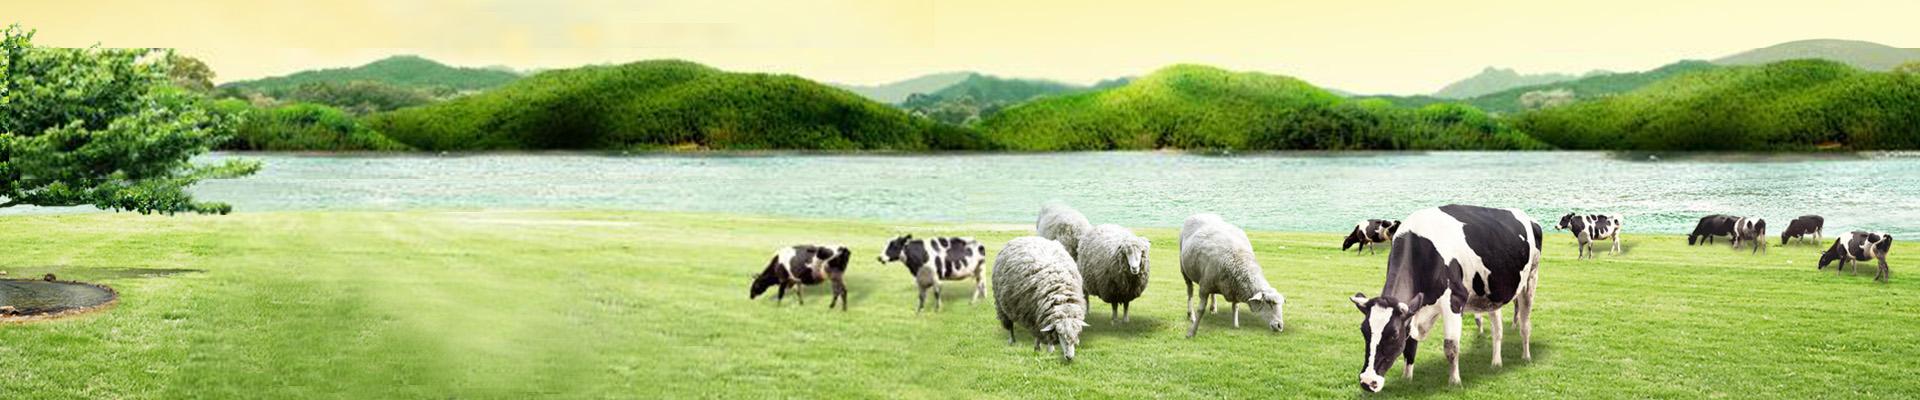 牛羊屠宰设备